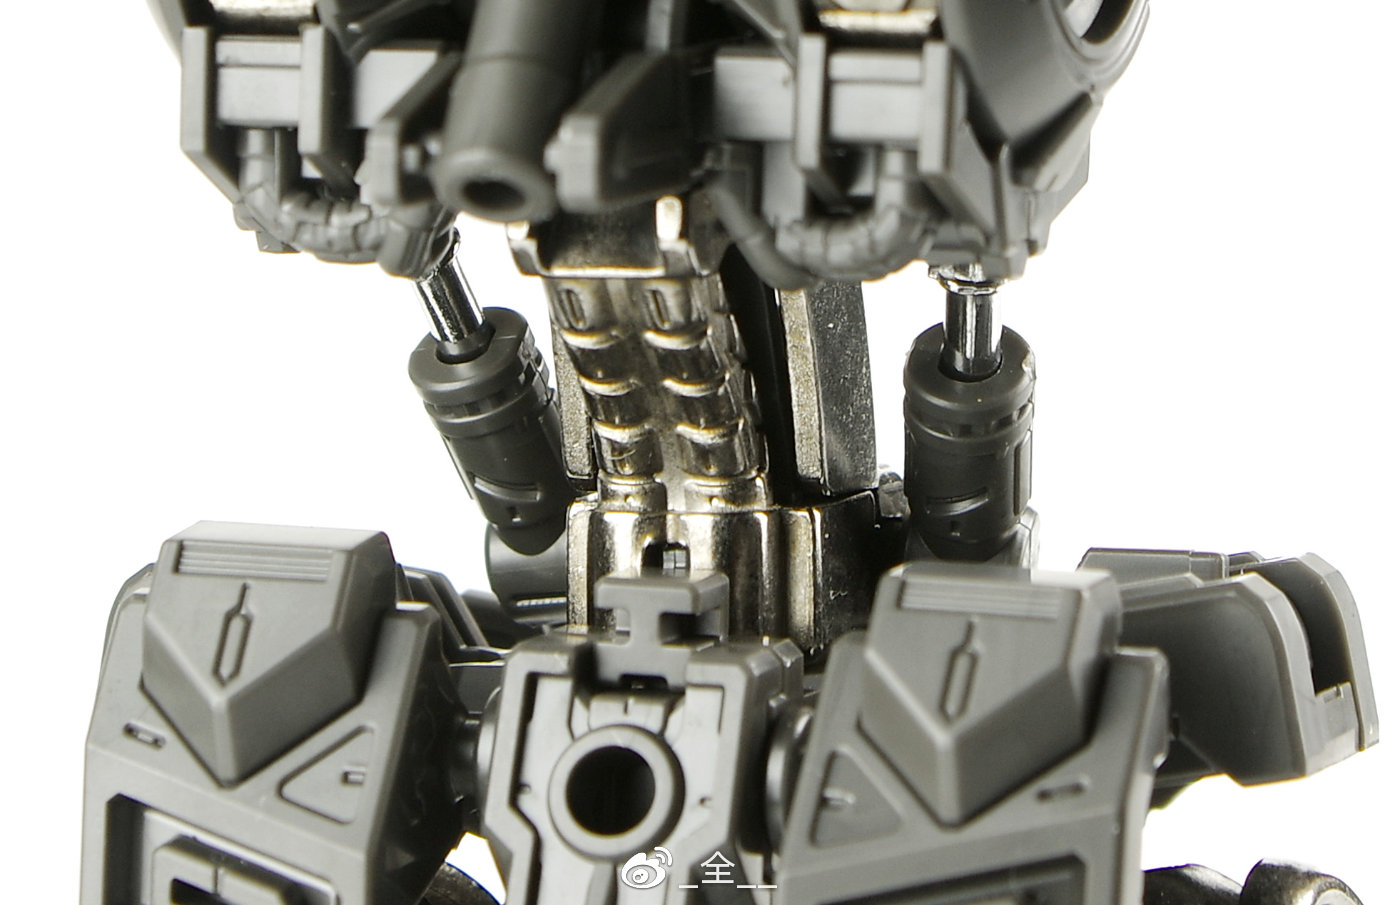 M103_mg_barbatos_metal_frame_parts_set_009_029.jpg